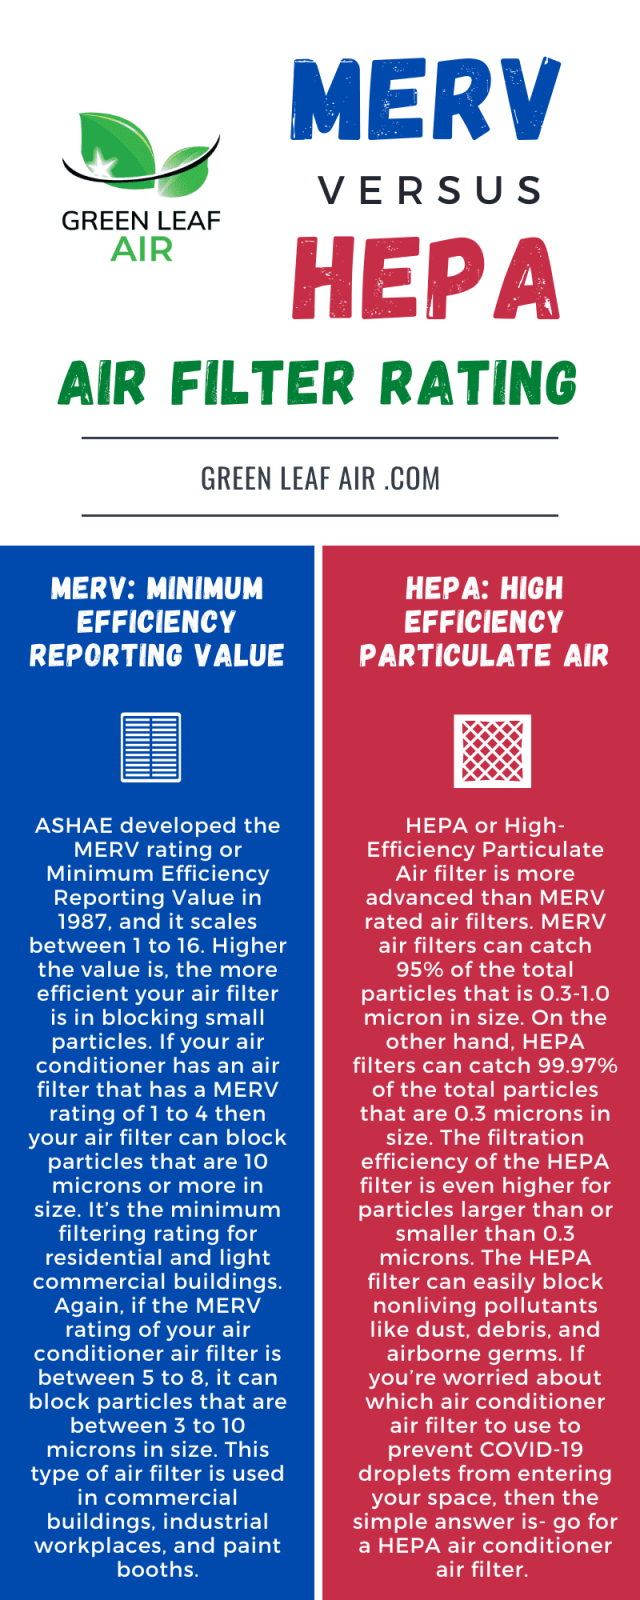 MERV & HEPA Rating For Air Filters